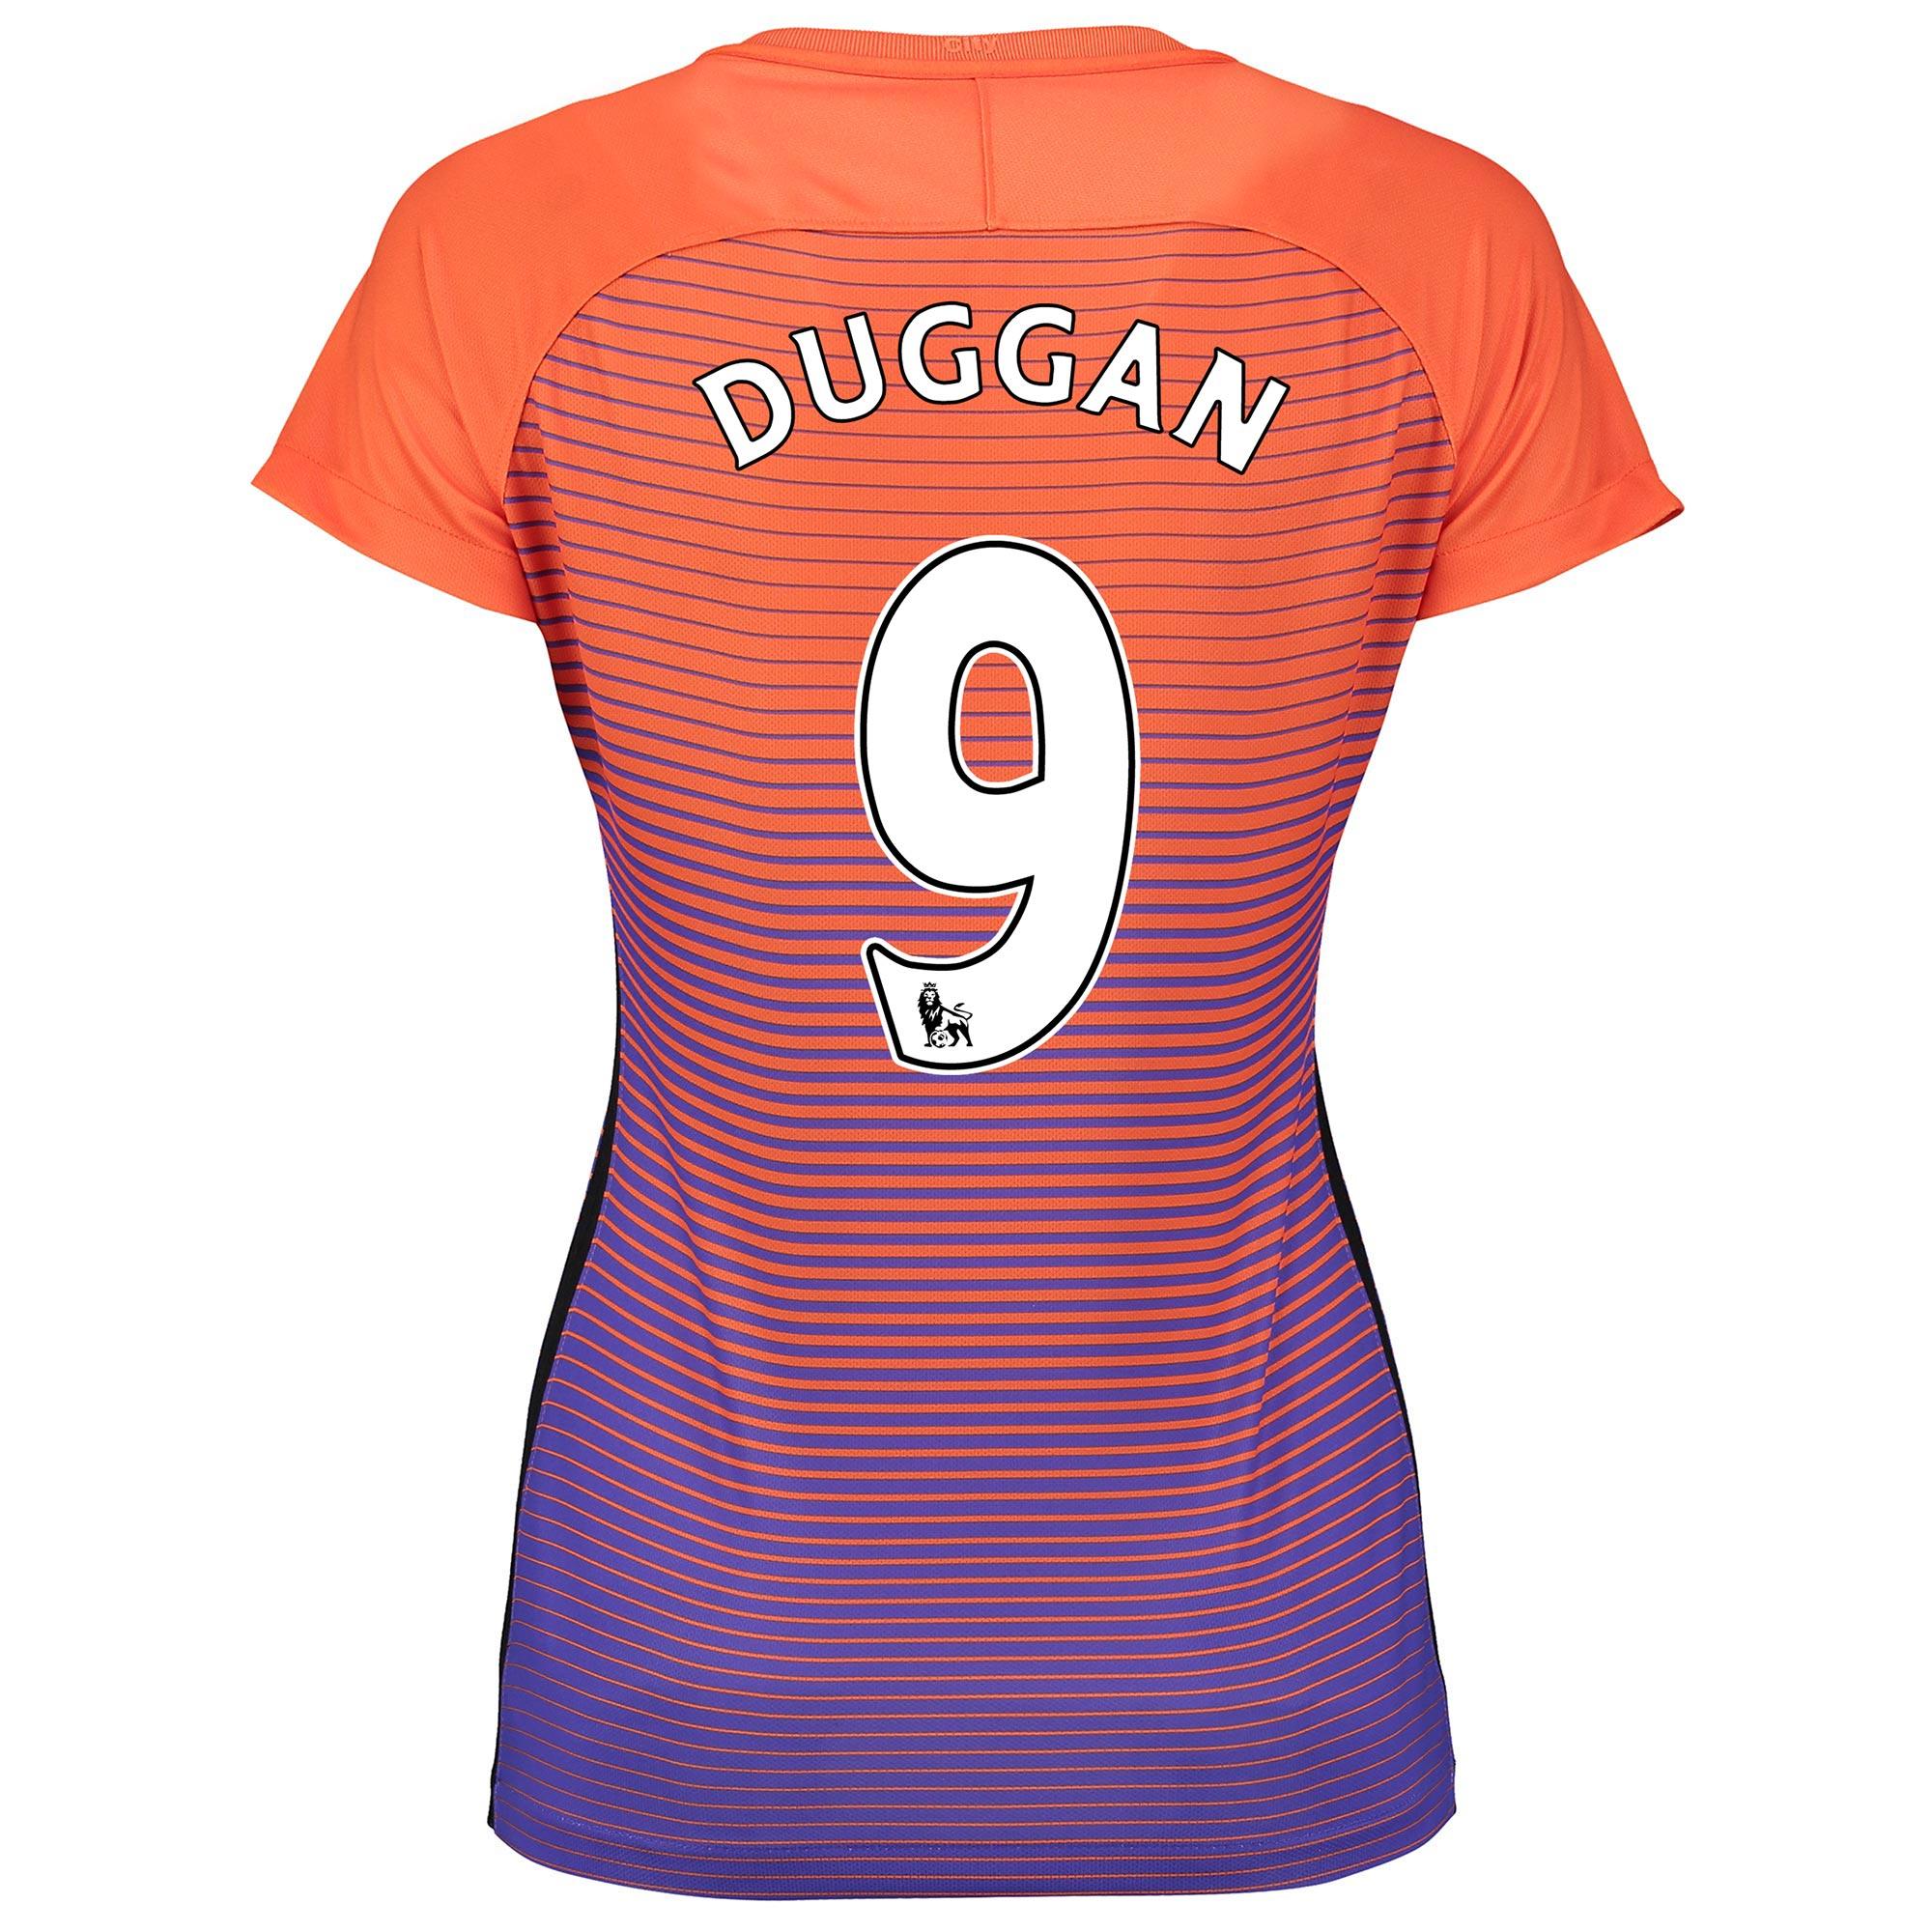 Manchester City Third Stadium Shirt 2016-17 - Womens with Duggan 9 pri